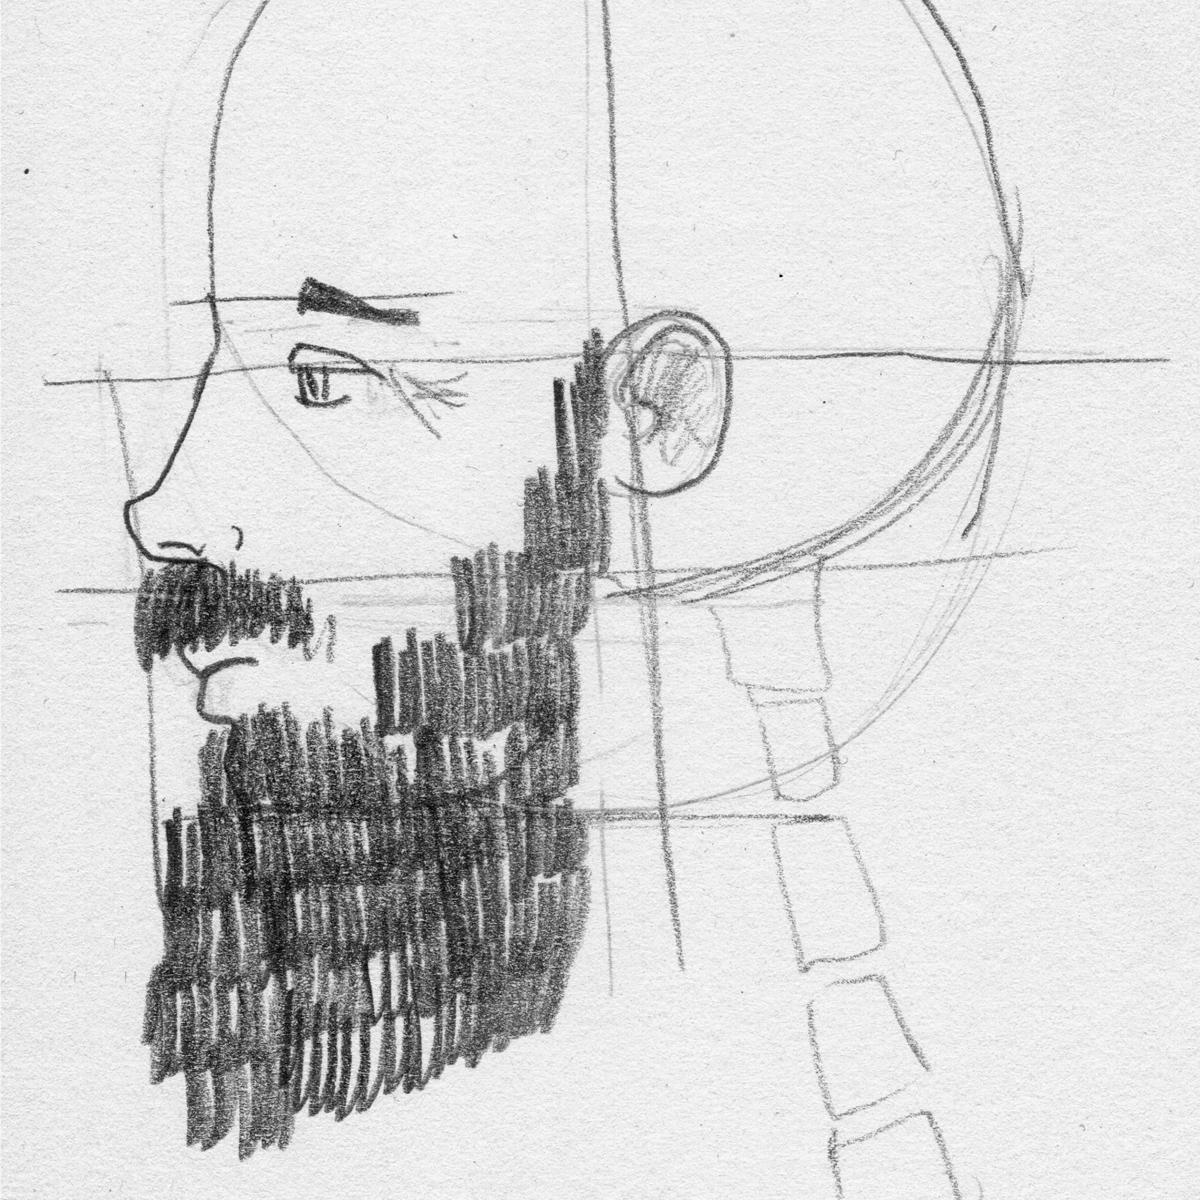 Barbas y vértebras detalle